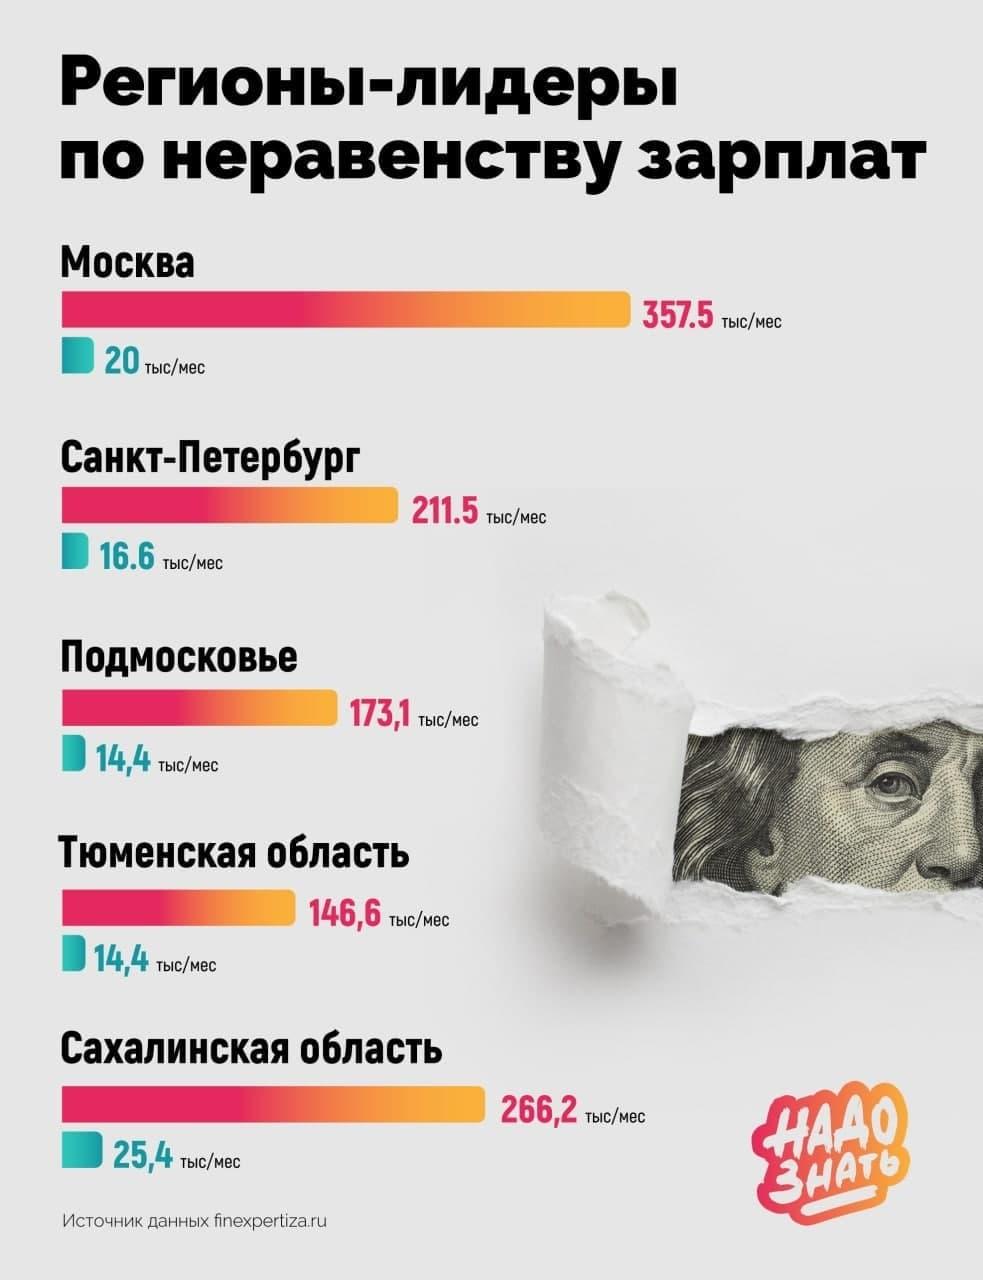 Регионы-лидеры по неравенству зарплат